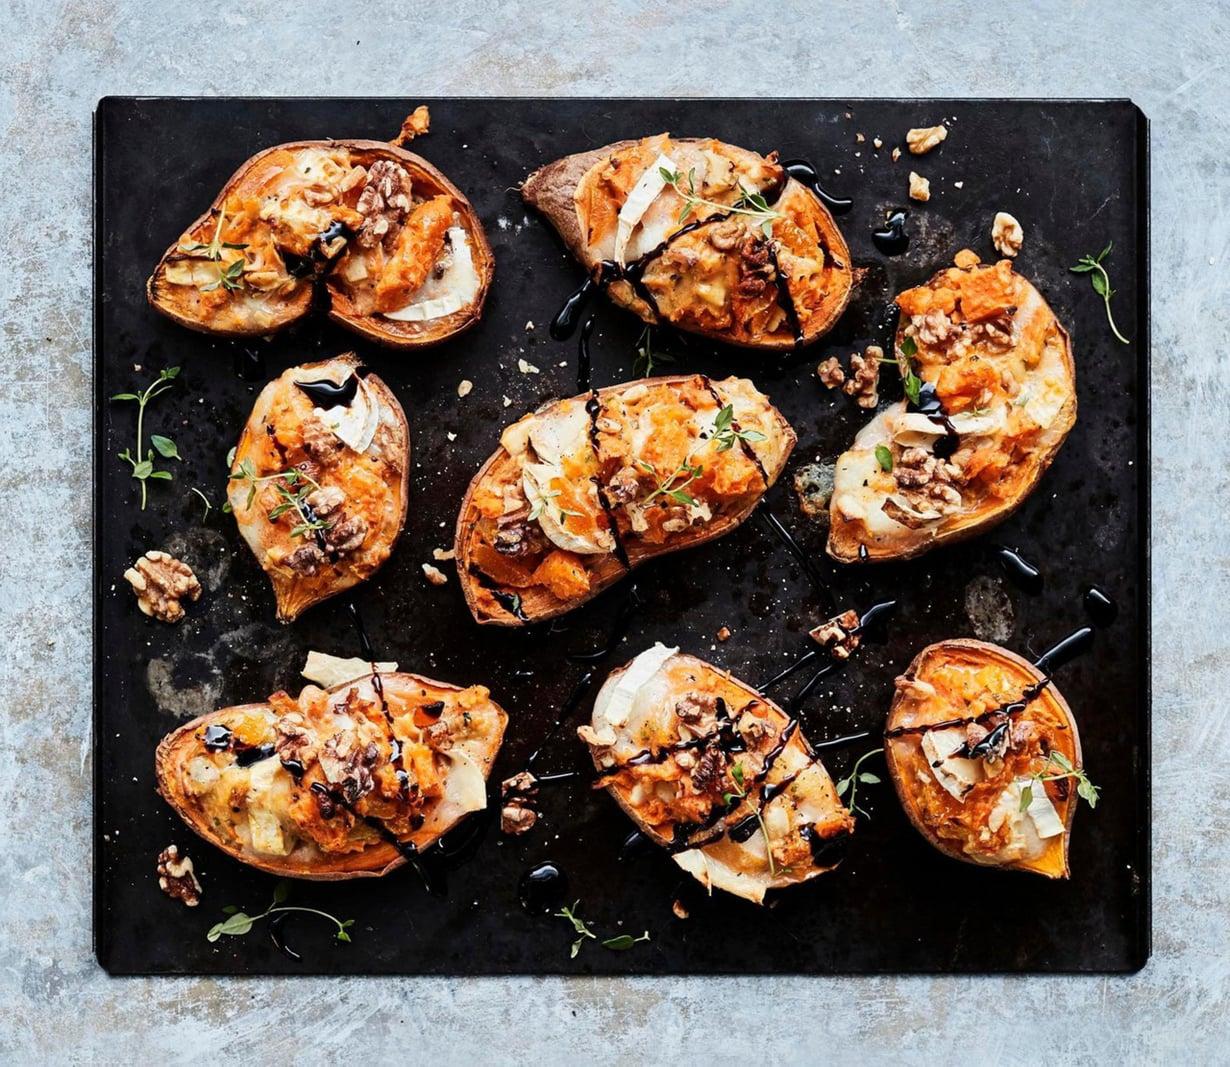 Bataattiveneistä saa mahtavan kasvisaterian, jonka voi syödä kuorineen päivineen.